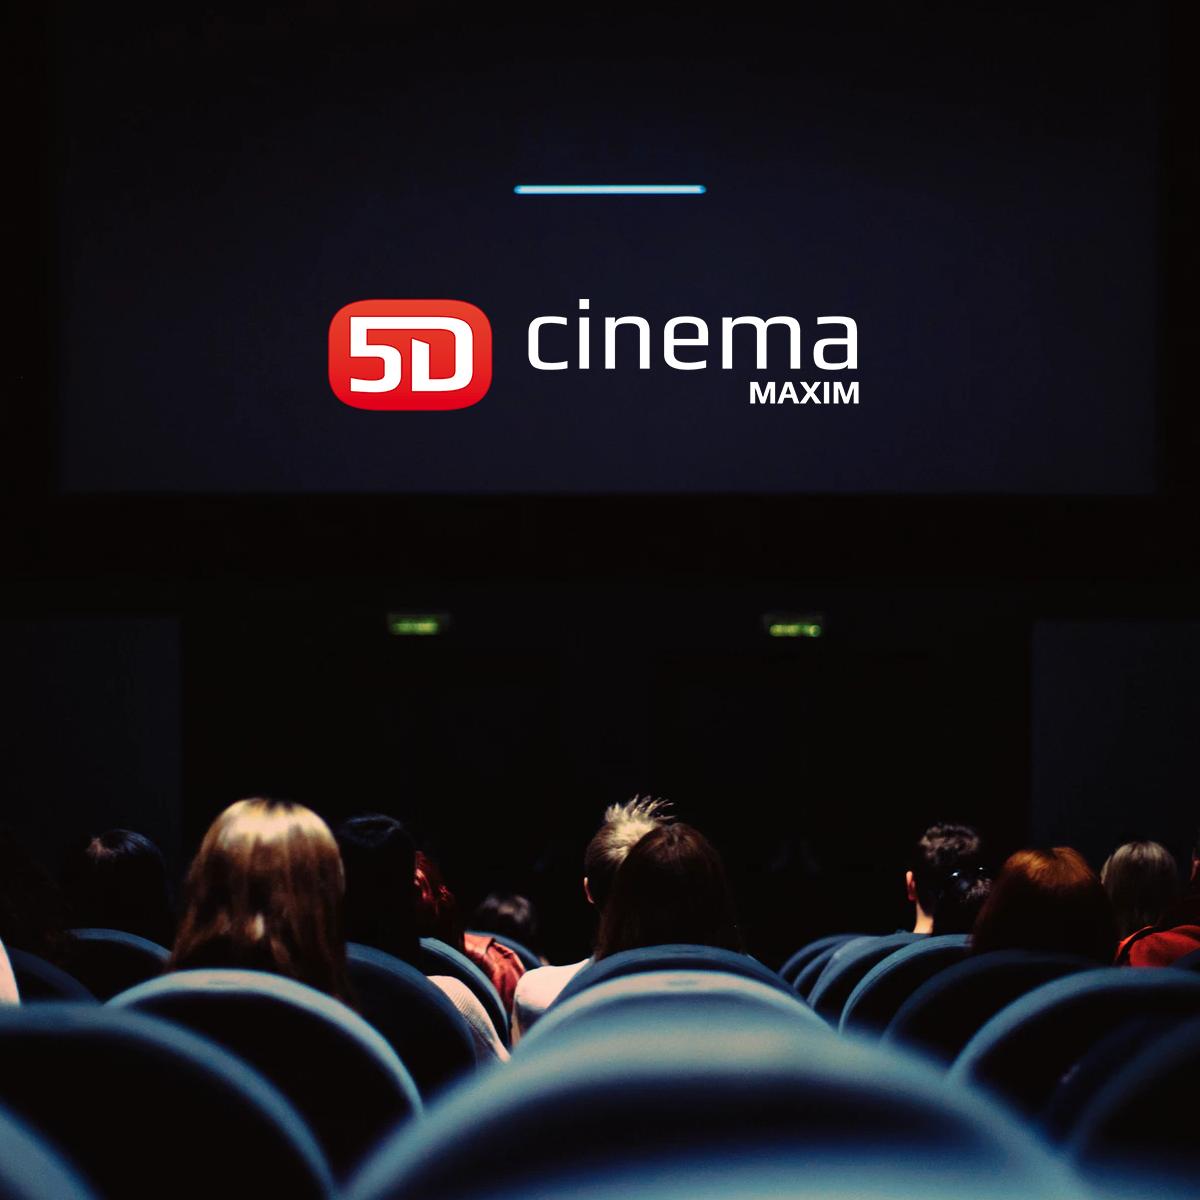 5D kino za 69Kč!